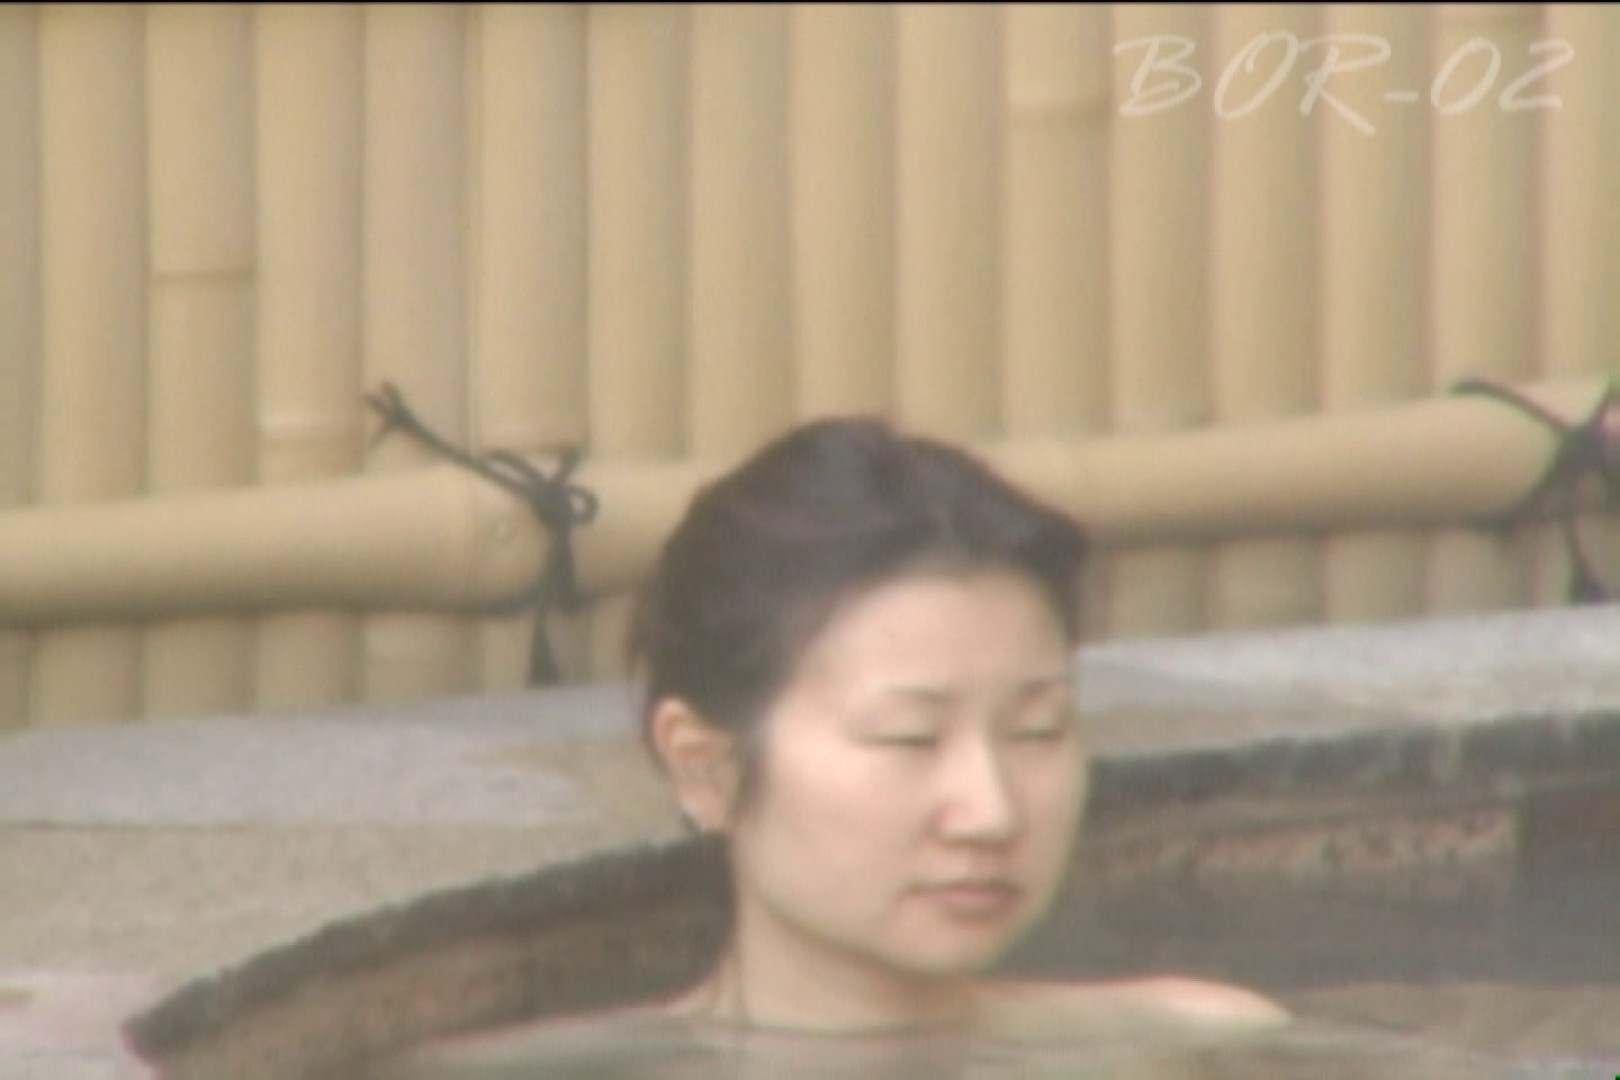 Aquaな露天風呂Vol.476 OLのエロ生活 ぱこり動画紹介 82連発 20